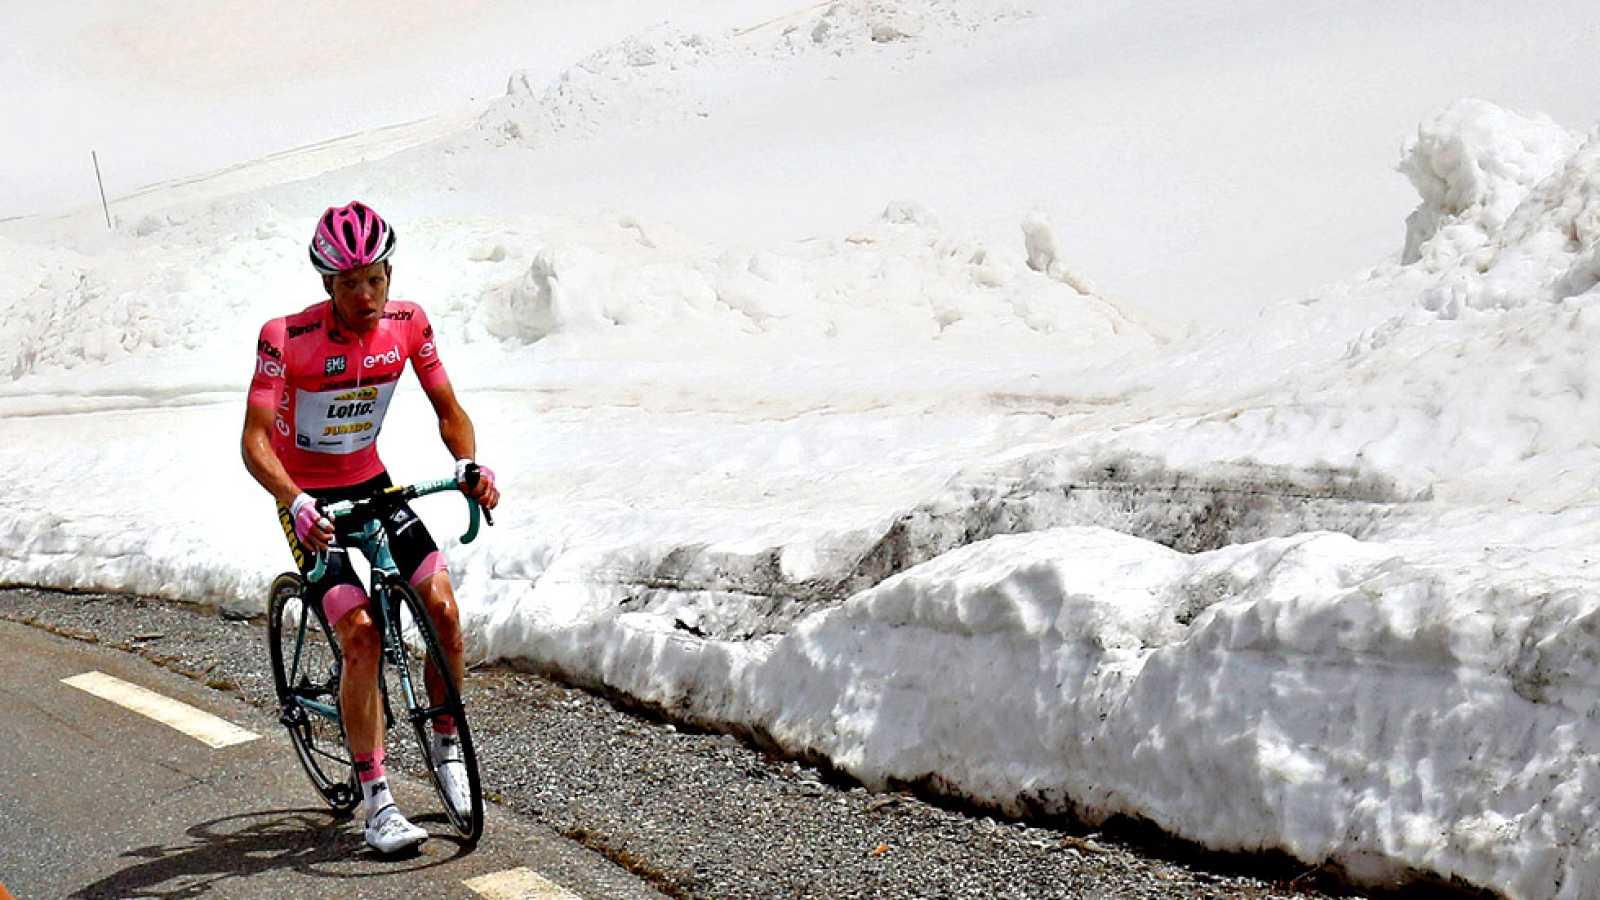 El holandés Steven Kruijswijk (Lotto Jumbo), líder del Giro, ha sufrido una aparatosa caída en el descenso del Col del Agnello, en el transcurso de la decimonovena etapa, aunque la maglia rosa no ha sufrido daños importantes y sigue en carrera. En la